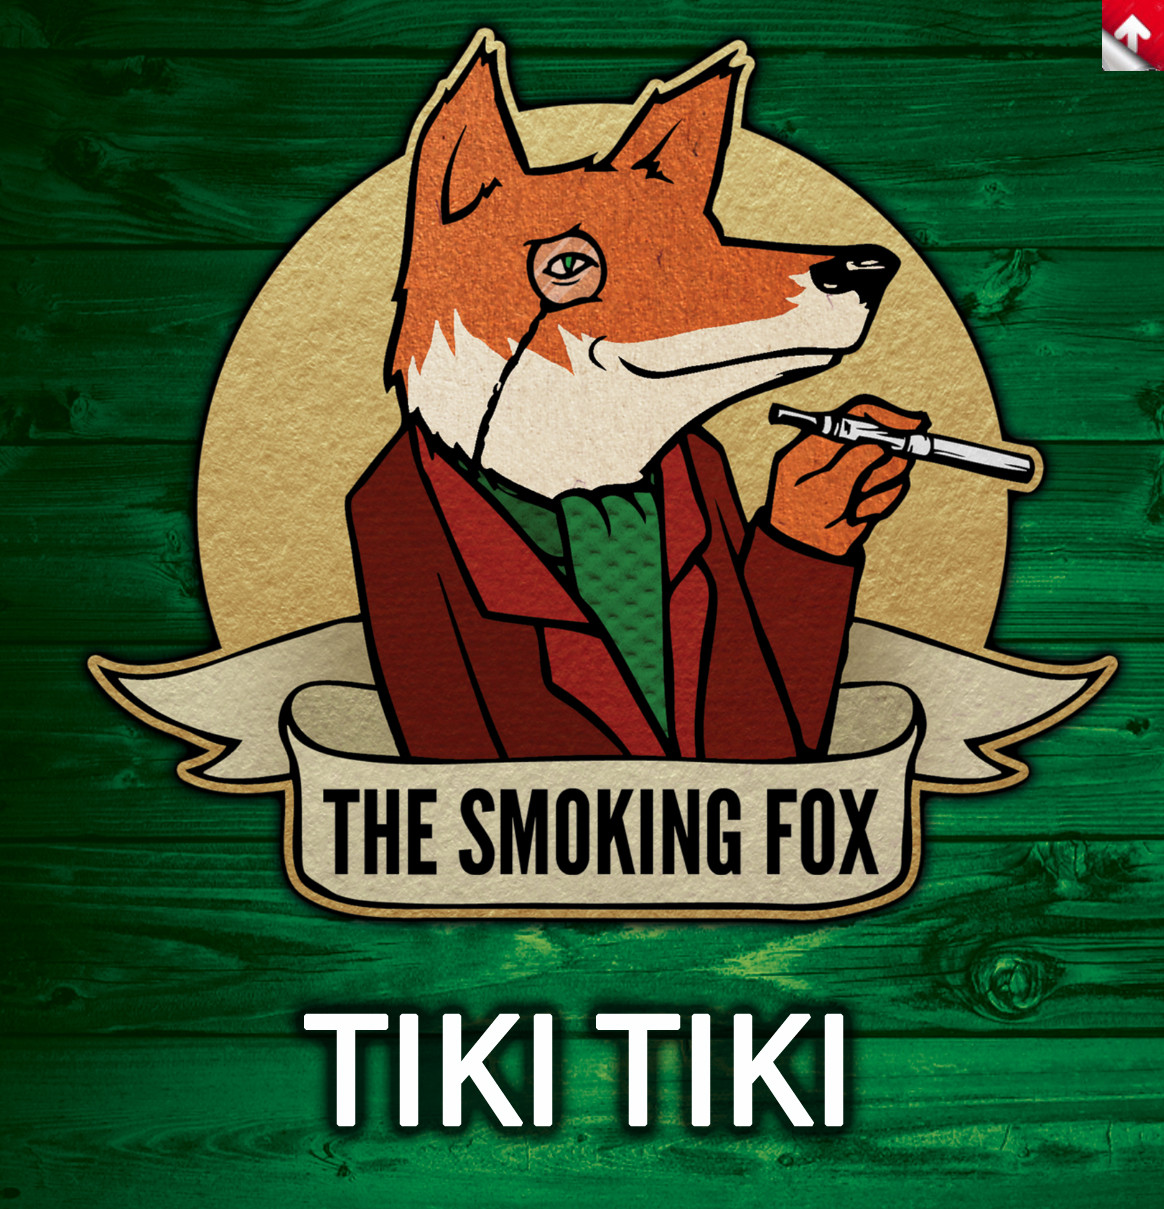 SMOKING FOX 10ml - TIKI TIKI